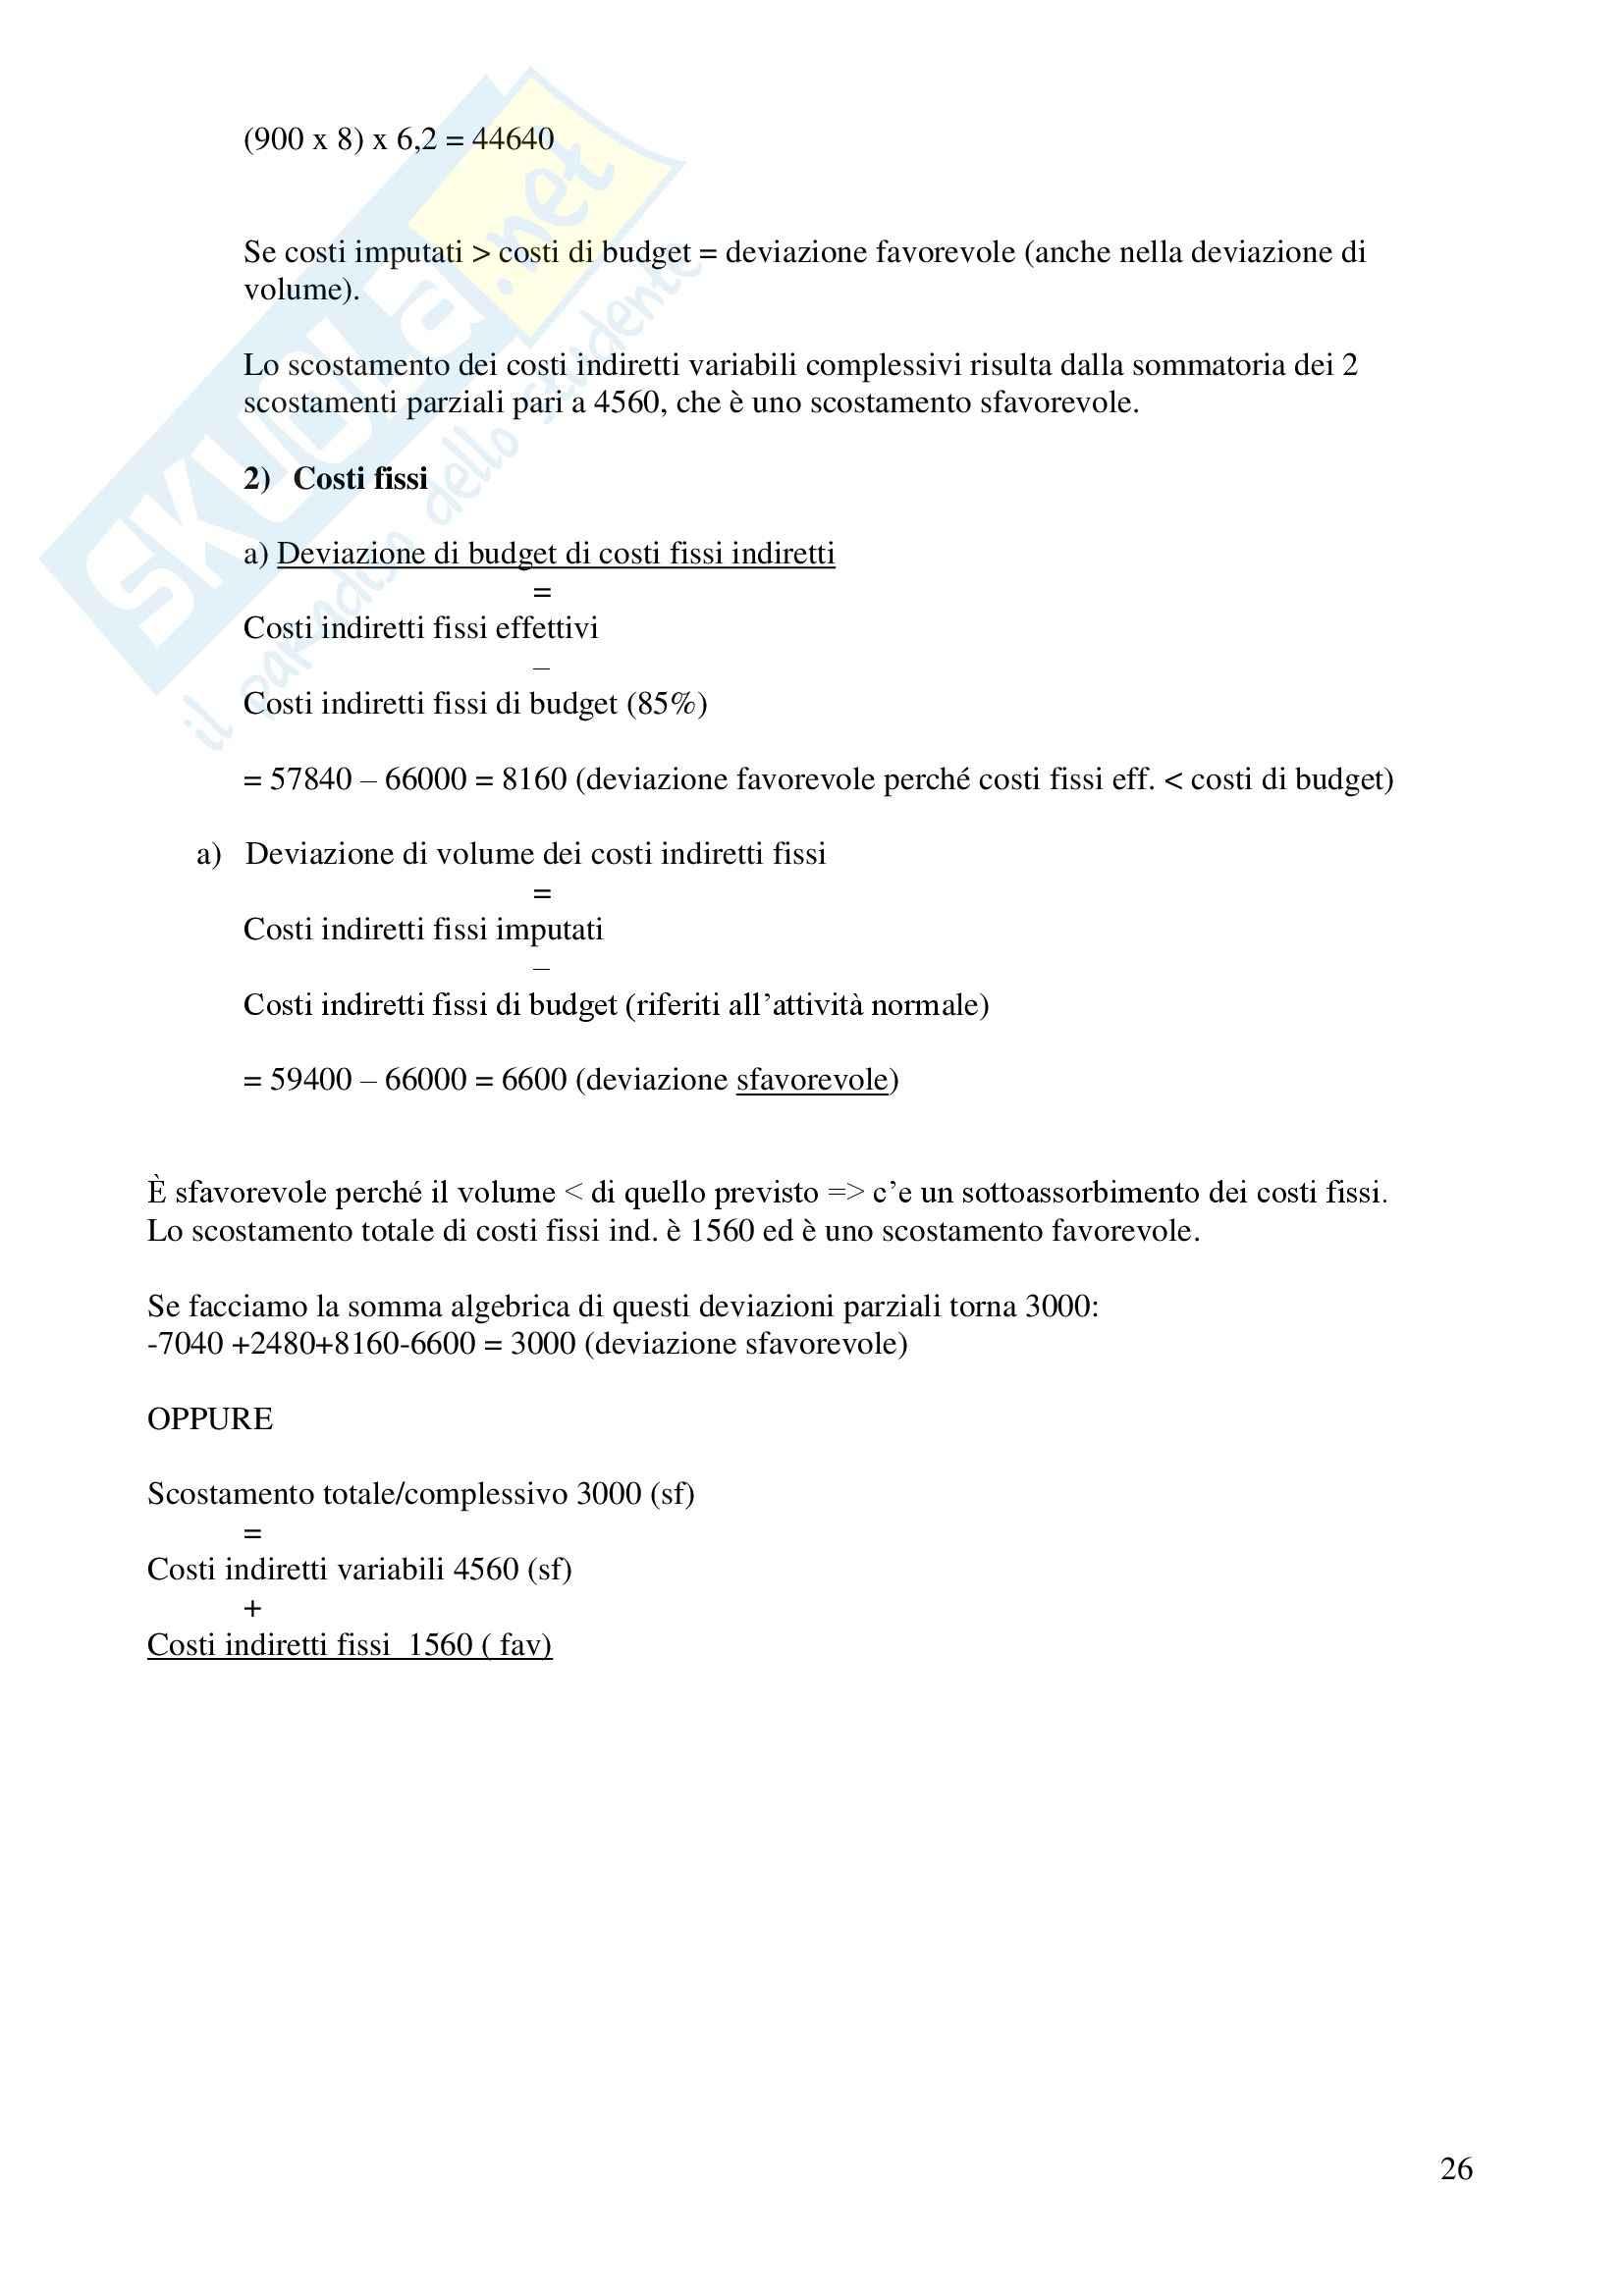 Contabilità generale e analitica - Appunti Pag. 26